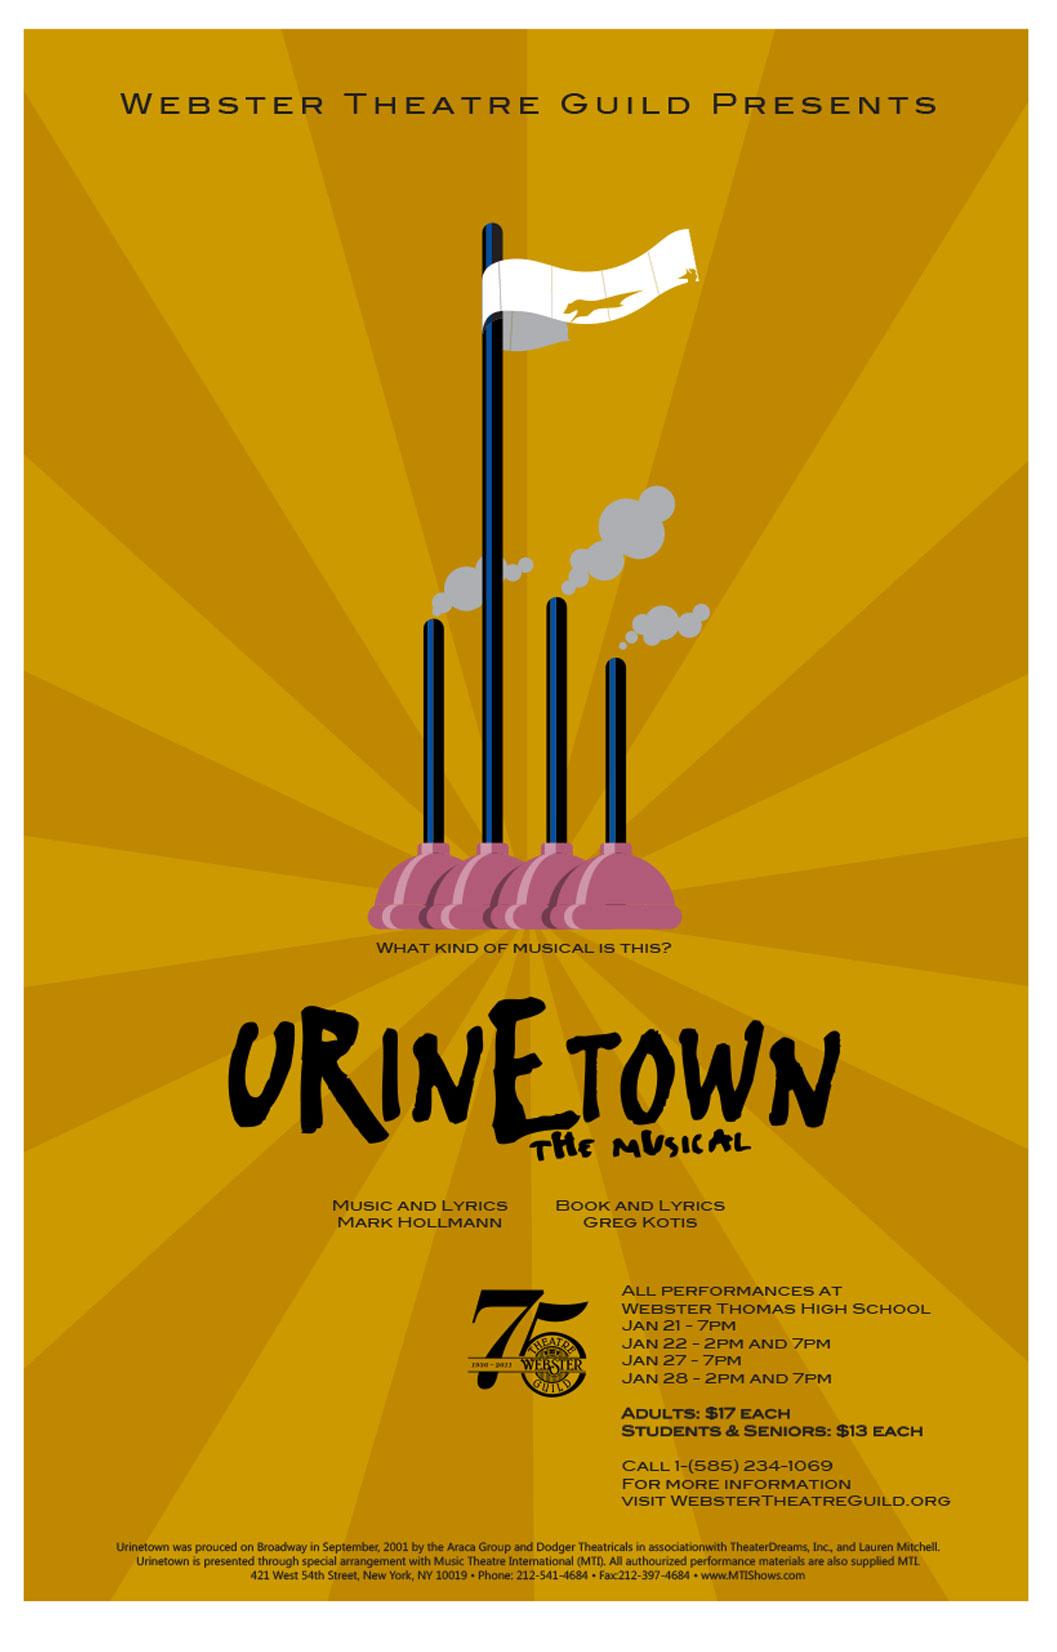 WTG-Poster-Urinetown